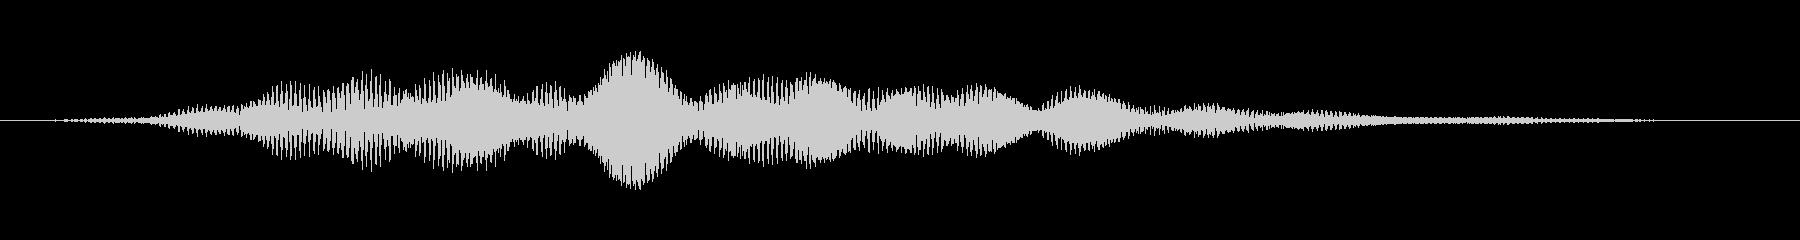 ブワーン(Other_Logo02-2)の未再生の波形